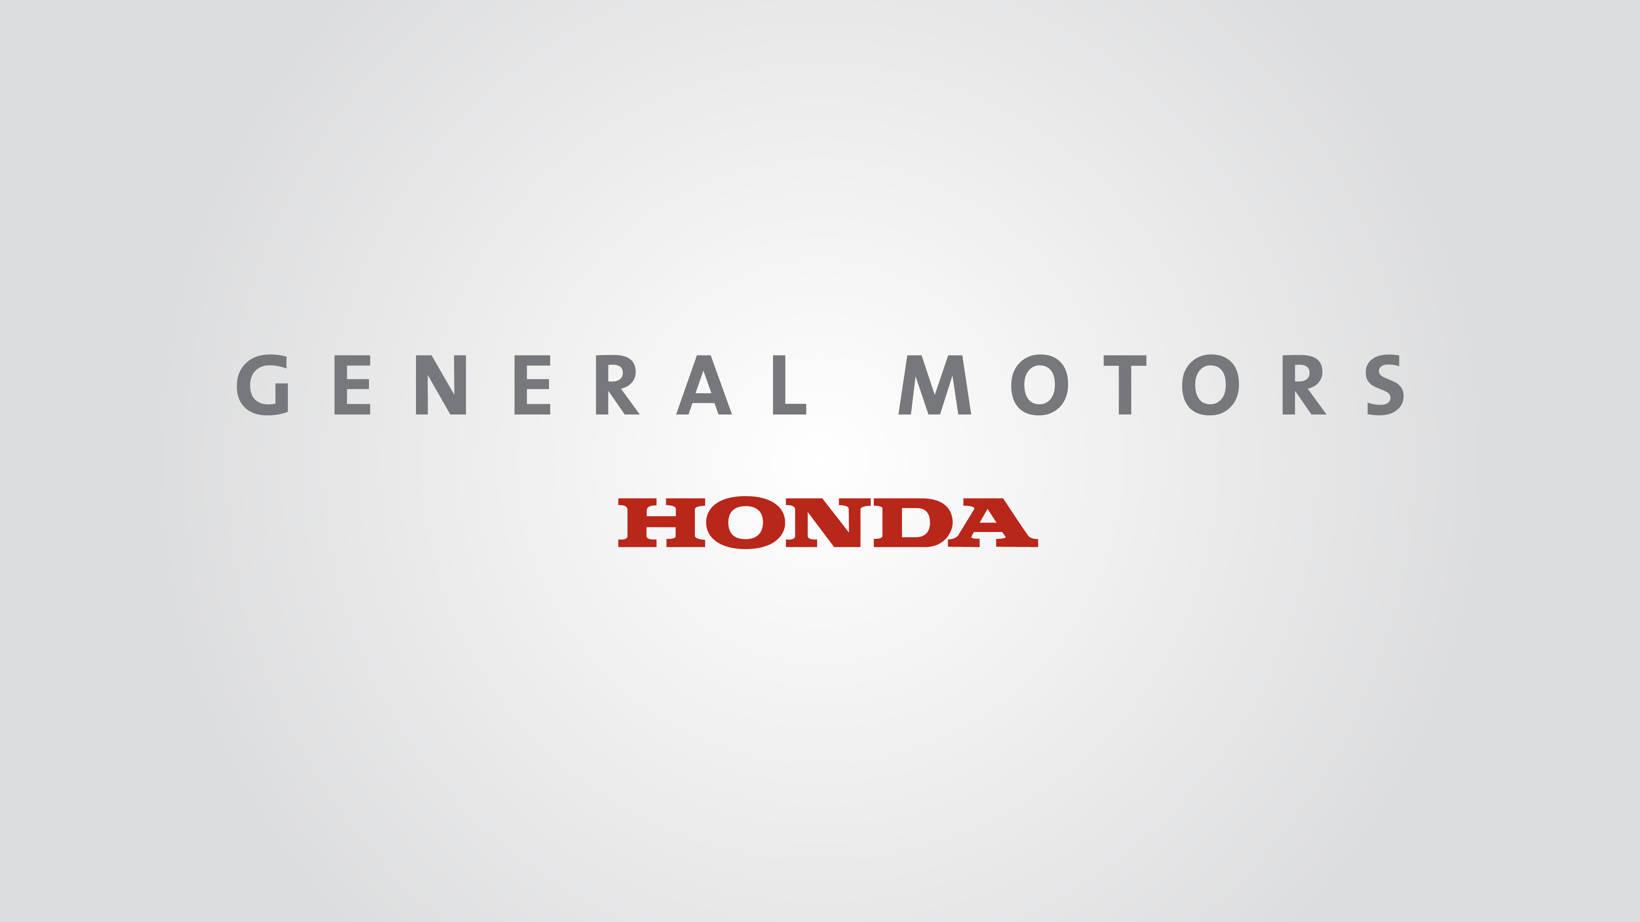 通用将在墨西哥为本田生产电动车,新车搭载Ultium电池